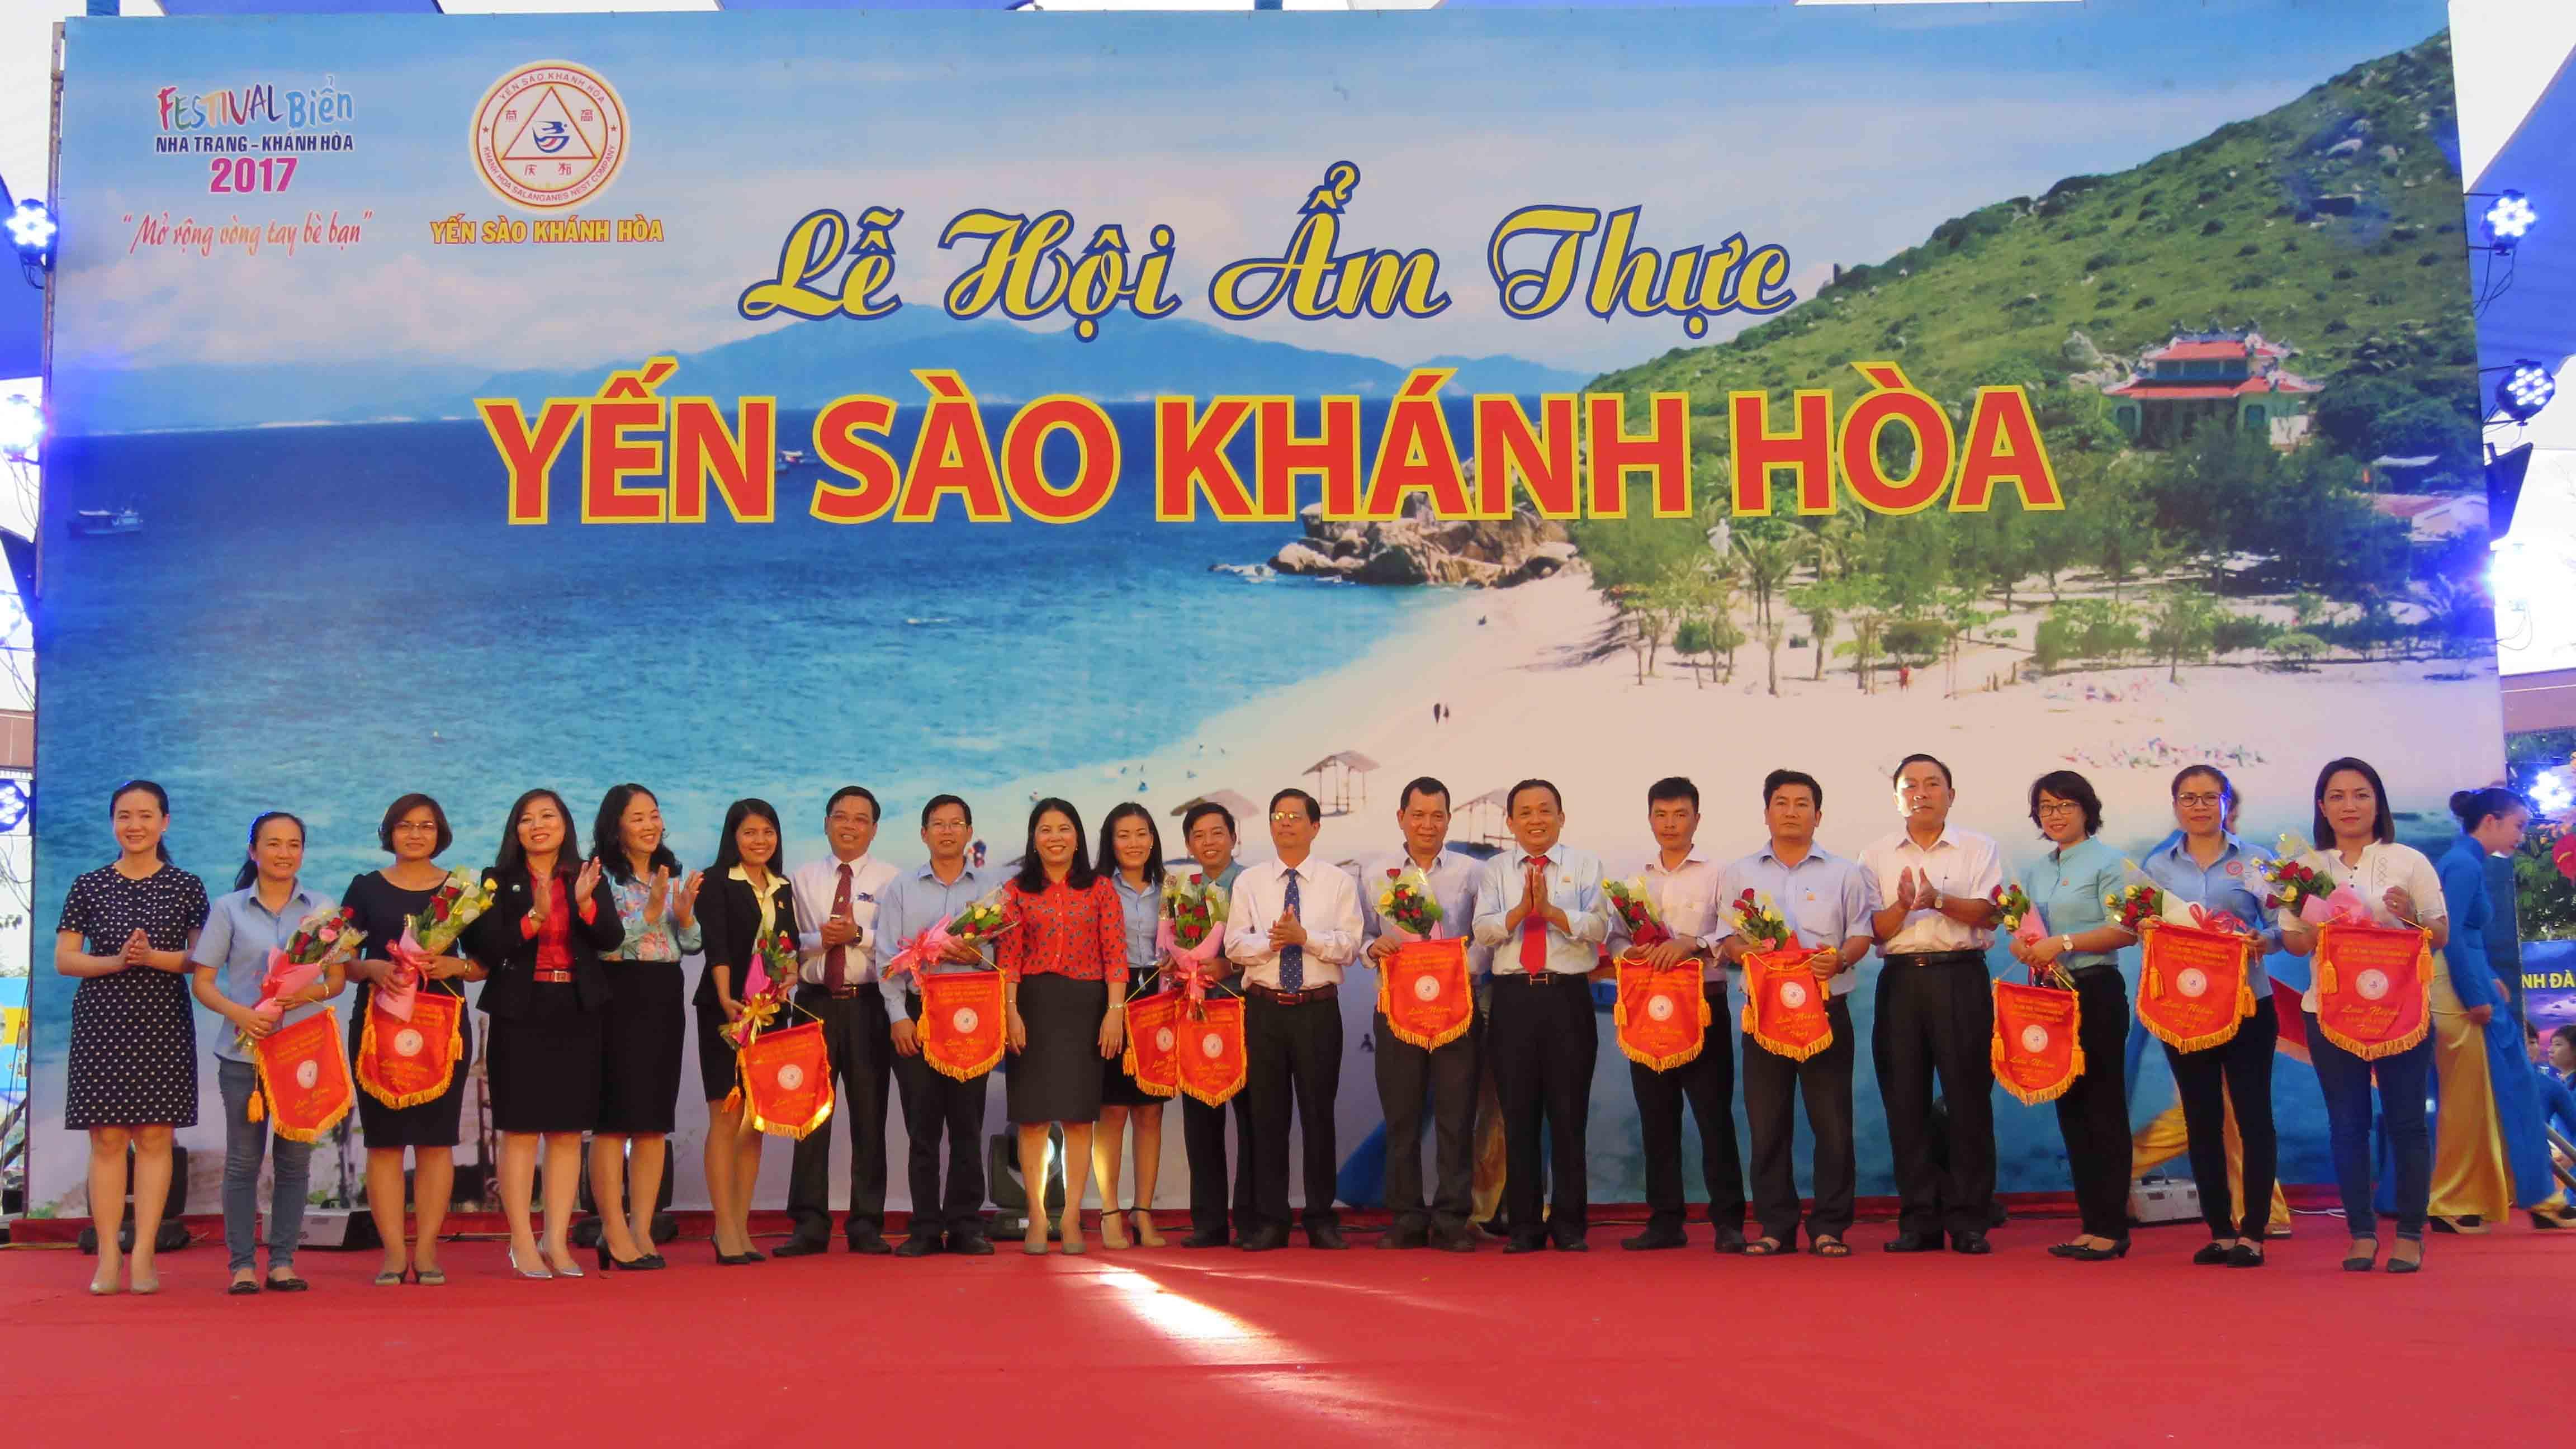 Yến sào Khánh Hòa đồng hành cùng Festival Biển Nha Trang – Khánh Hòa 2019